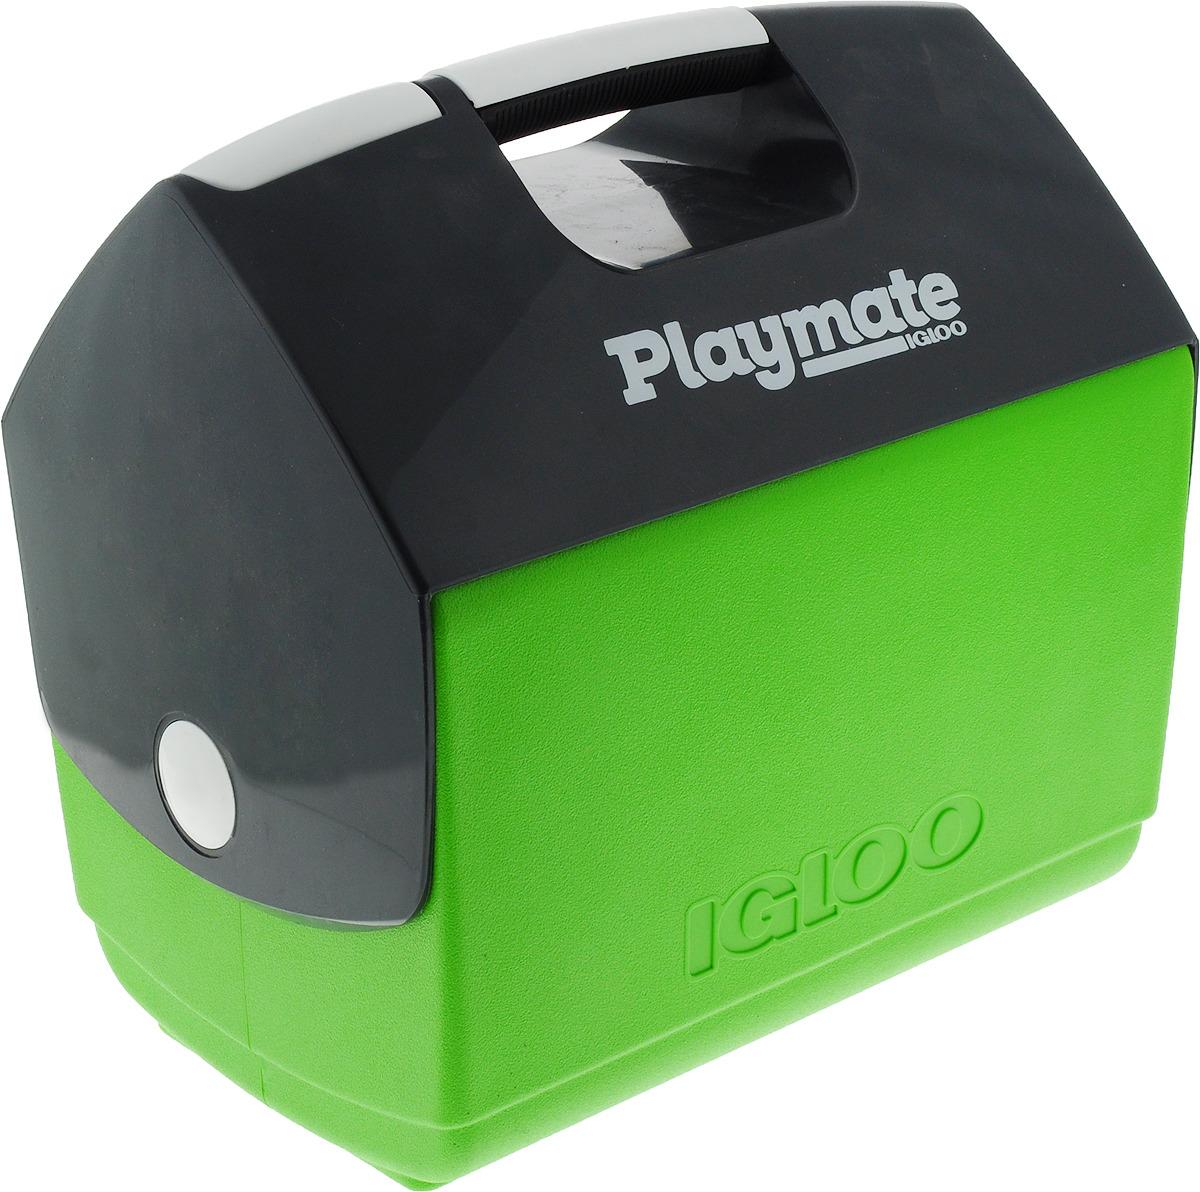 Контейнер Igloo Playmate Elite Ultra изотермический, 32271, зеленый, серый, 15 л igloo изотермический контейнер igloo playmate pal jucetwh